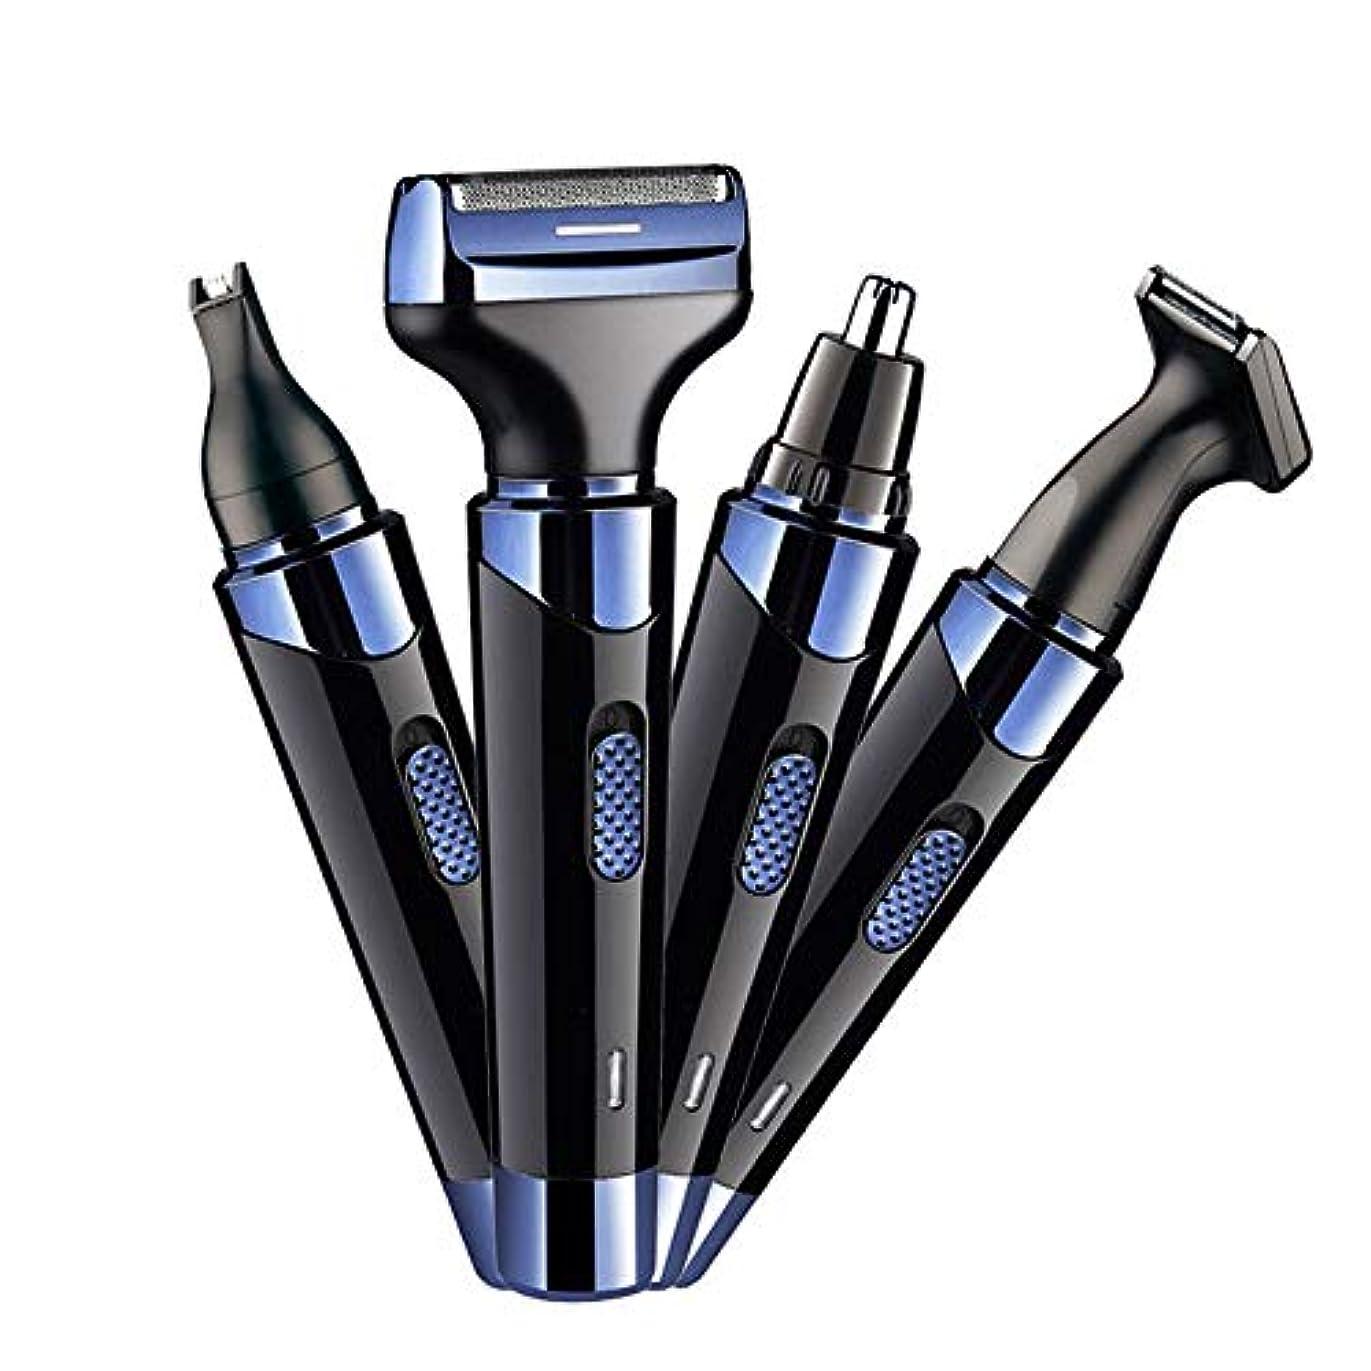 プランテーションコックマークシェービング鼻毛クリーニングミニシェービングレタリング修理ナイフ多機能充電メンズ鼻毛トリマー メンズ ムダ毛トリマー 耳毛 鼻毛切り (Color : Blue, Size : USB)